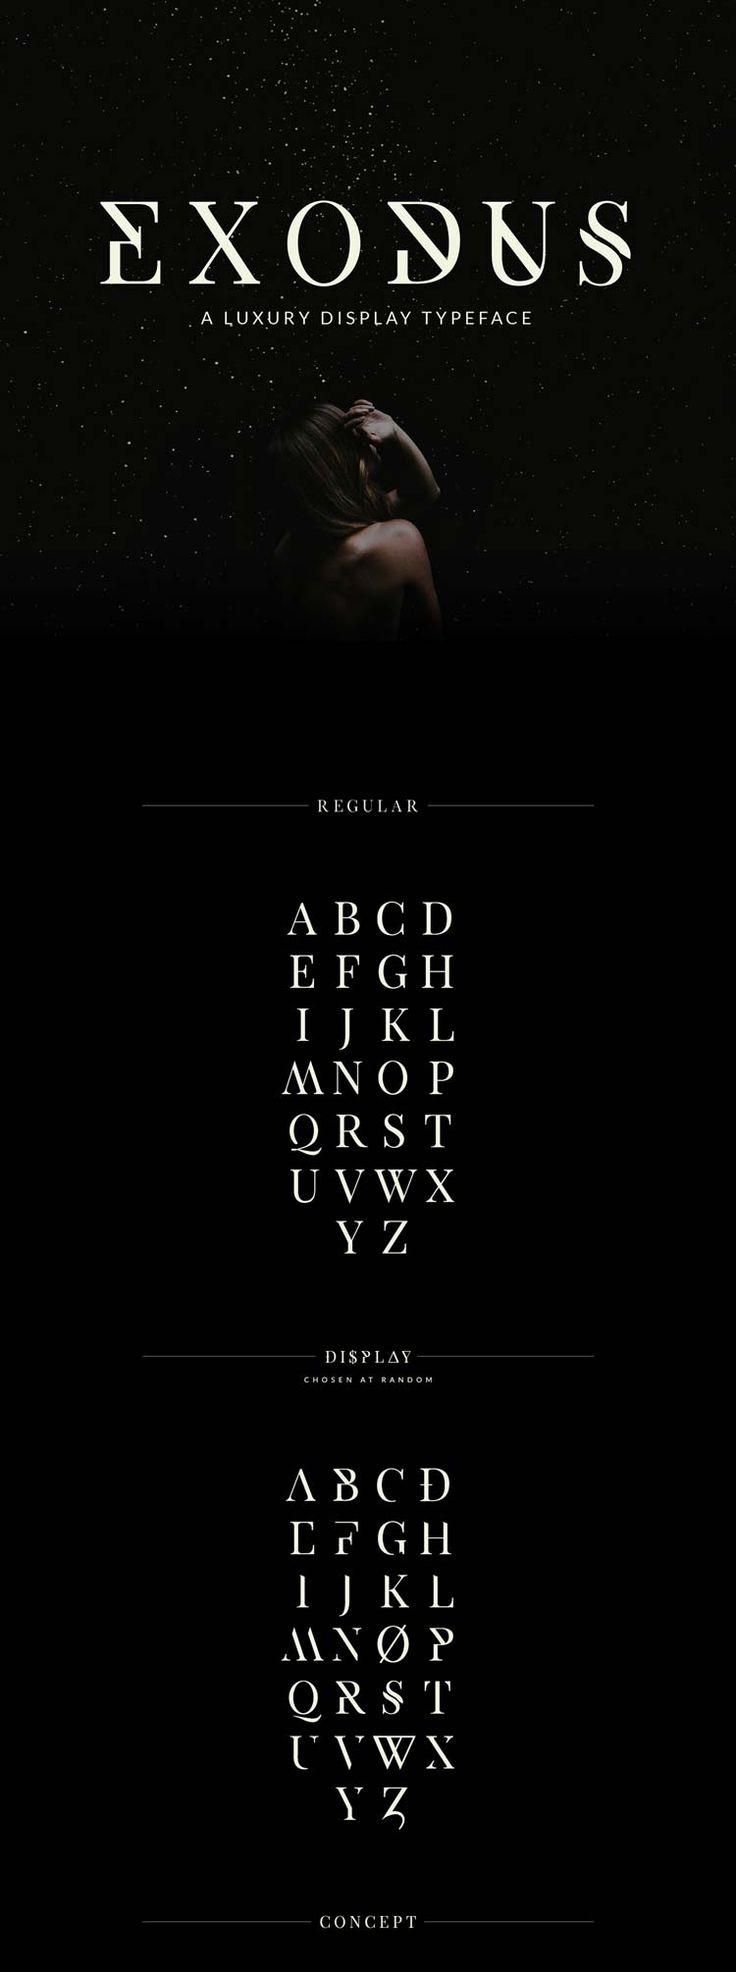 Je continue le tour du monde des designers afin de trouver les meilleures typographies que vous pourrez utiliser dans vos créations. Aujourd'hui je vous propose de découvrir une création d'Andrew Herndon avec ça typo Exodus. C'est une typo dans un style luxe serif avec tout un tas de caractères…